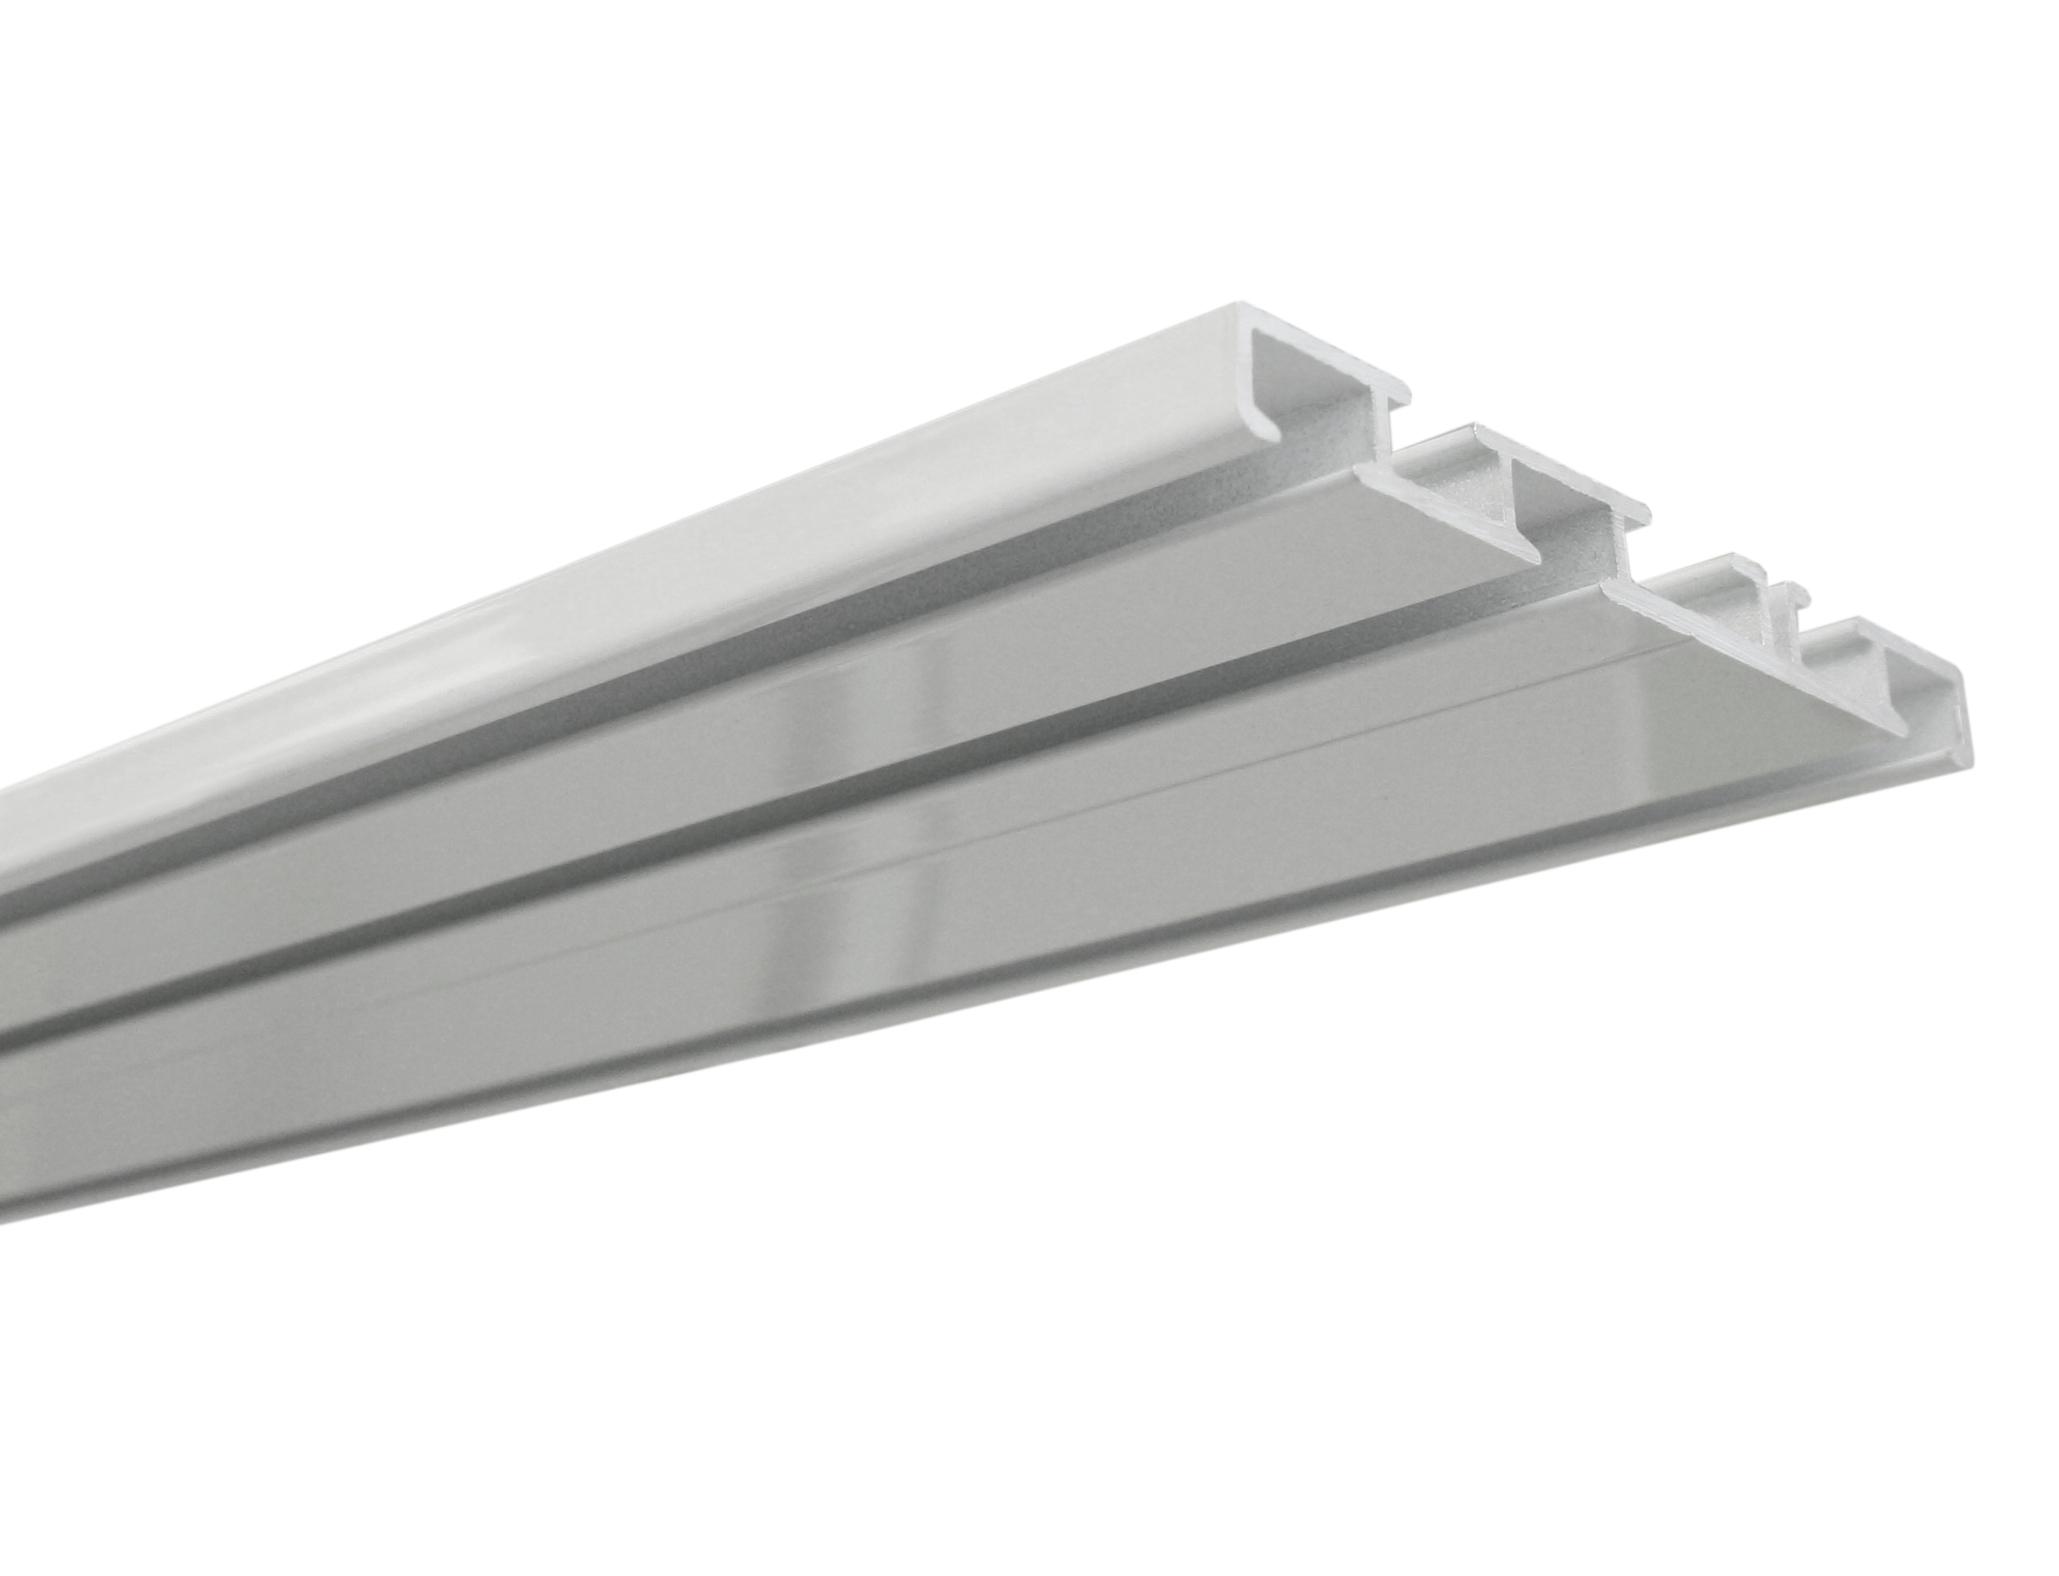 Extrem Aluminium-Vorhangschiene 3-läufig weiß | Gardinenschienen DH26